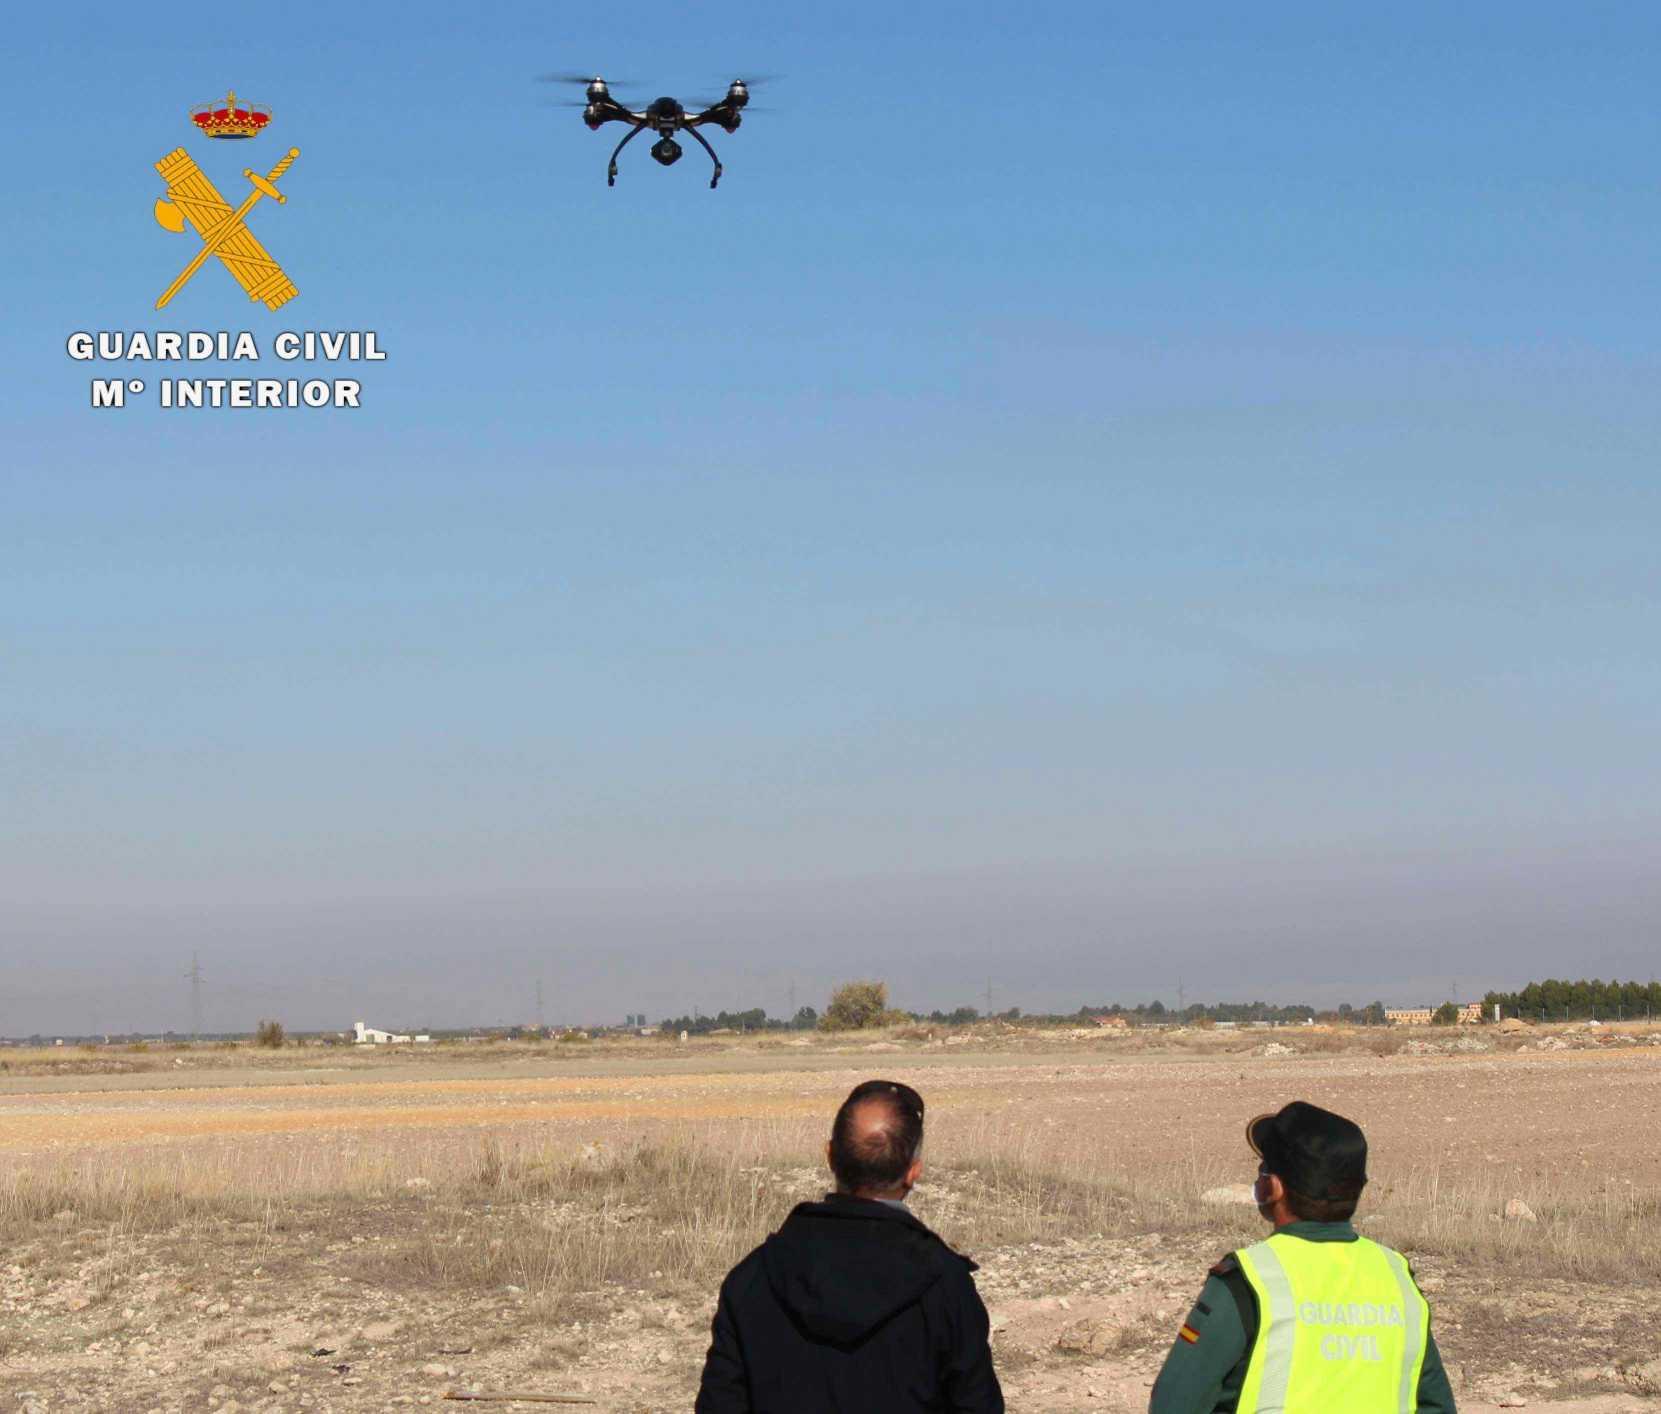 El equipo PEGASO de la Guardia Civil de Albacete denuncia a una persona por varias infracciones a la normativa de seguridad aérea